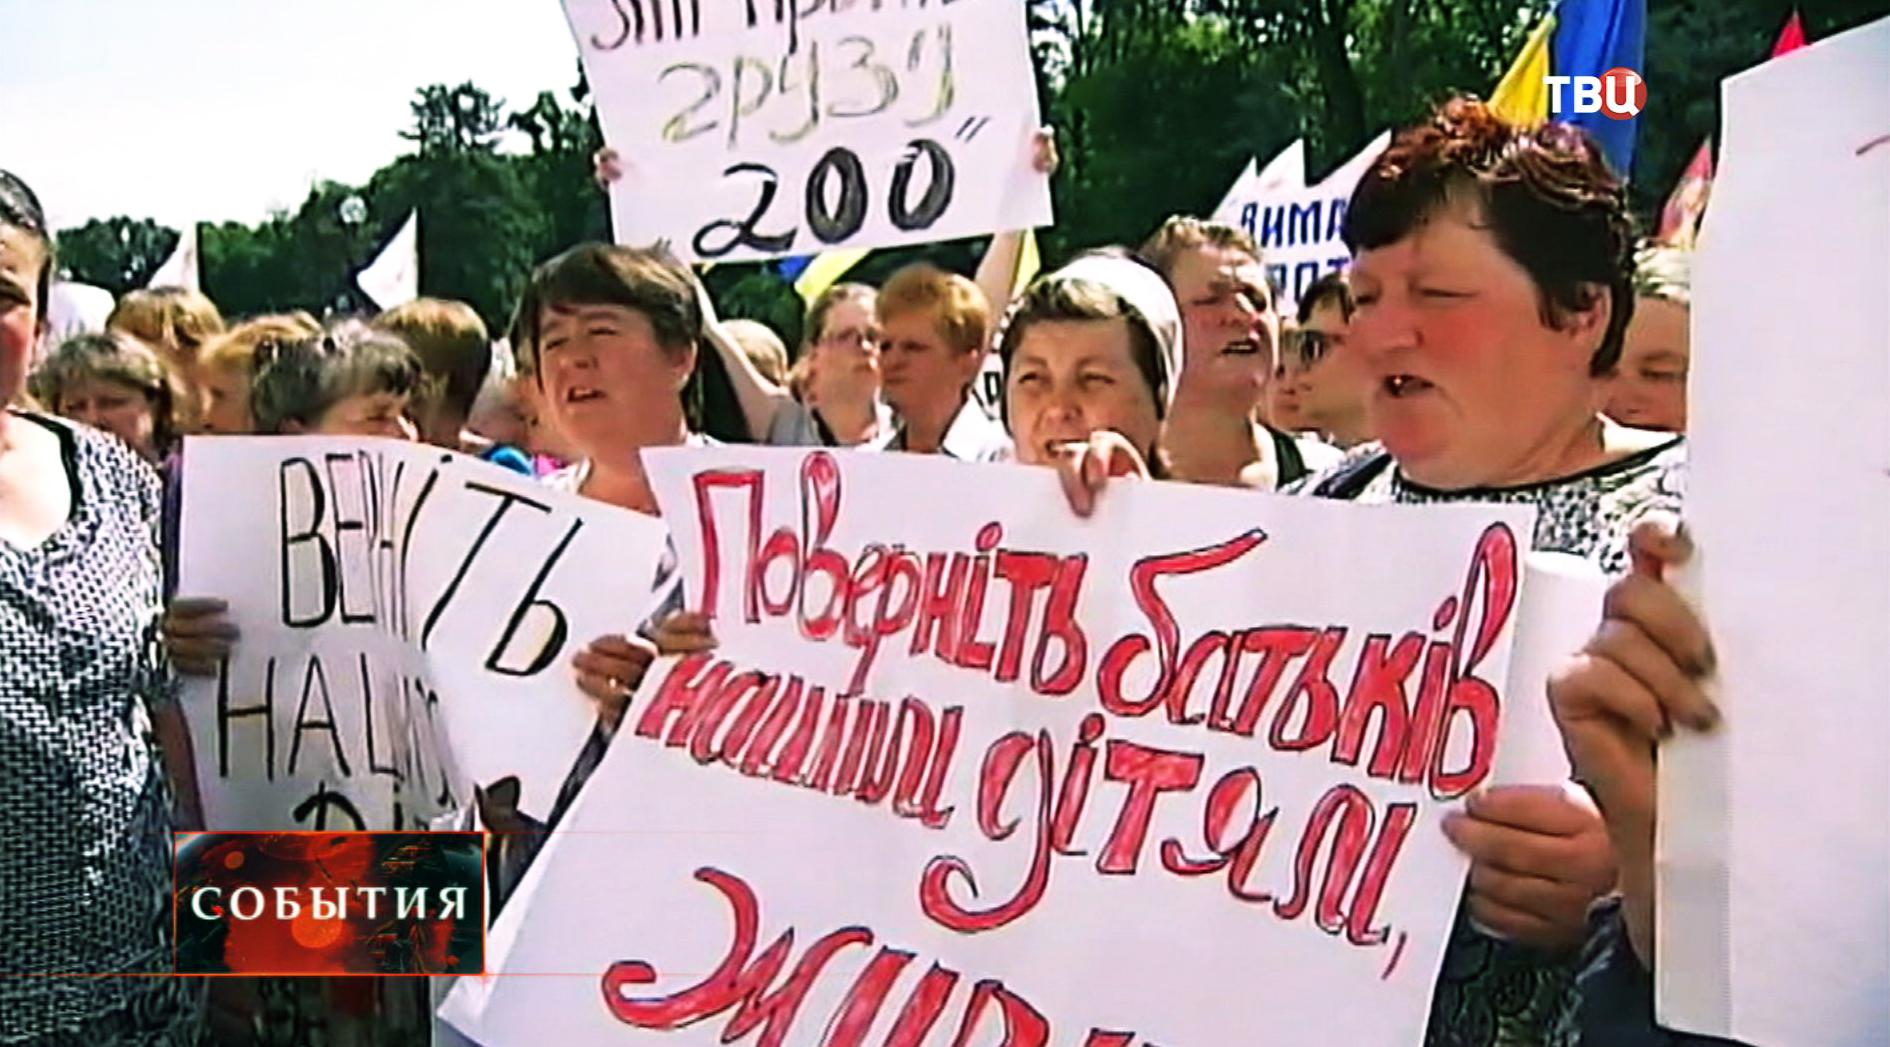 Пикет у здания Верховной Рады в Киеве